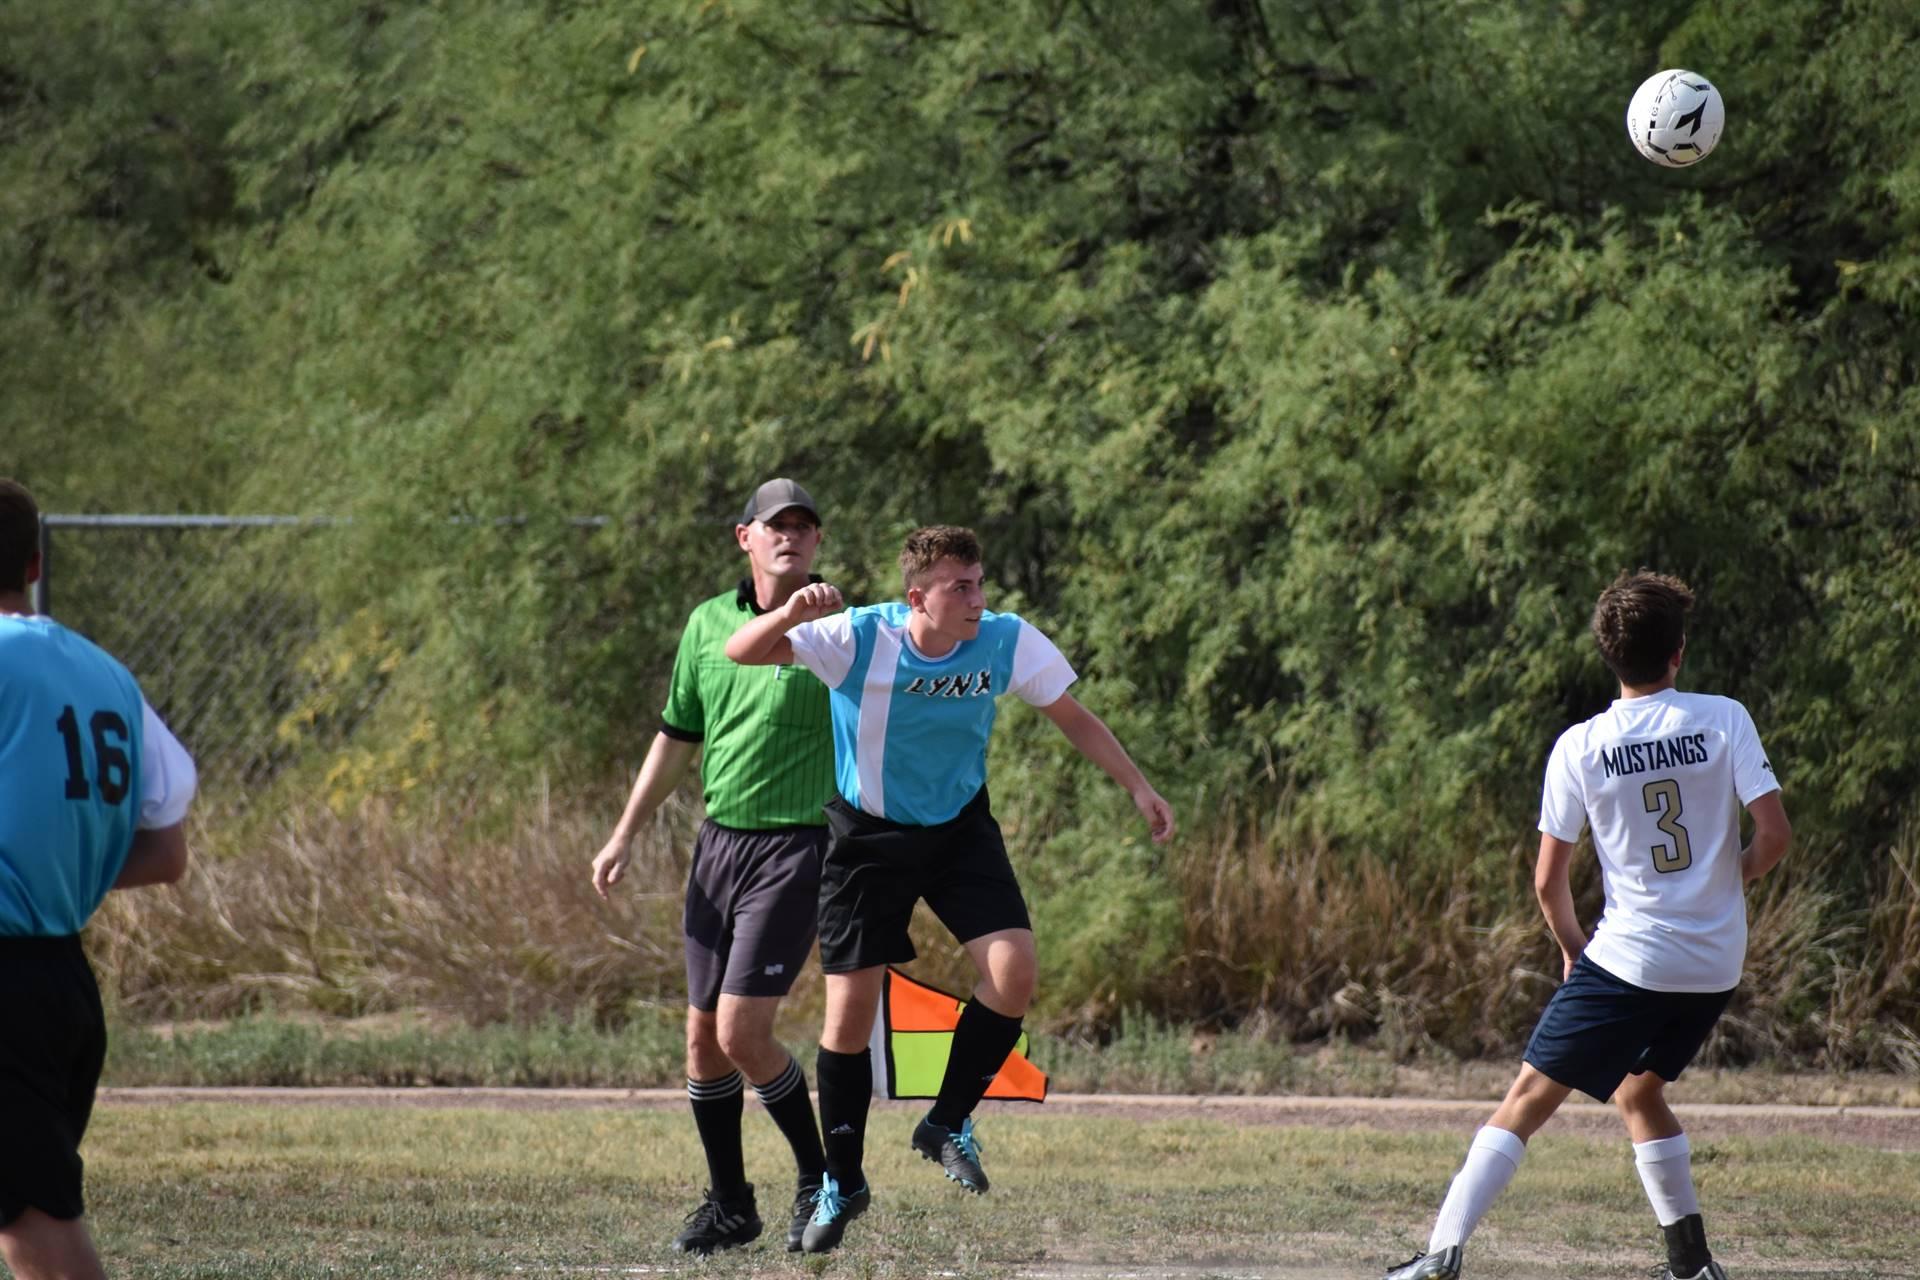 Soccer (Luke)